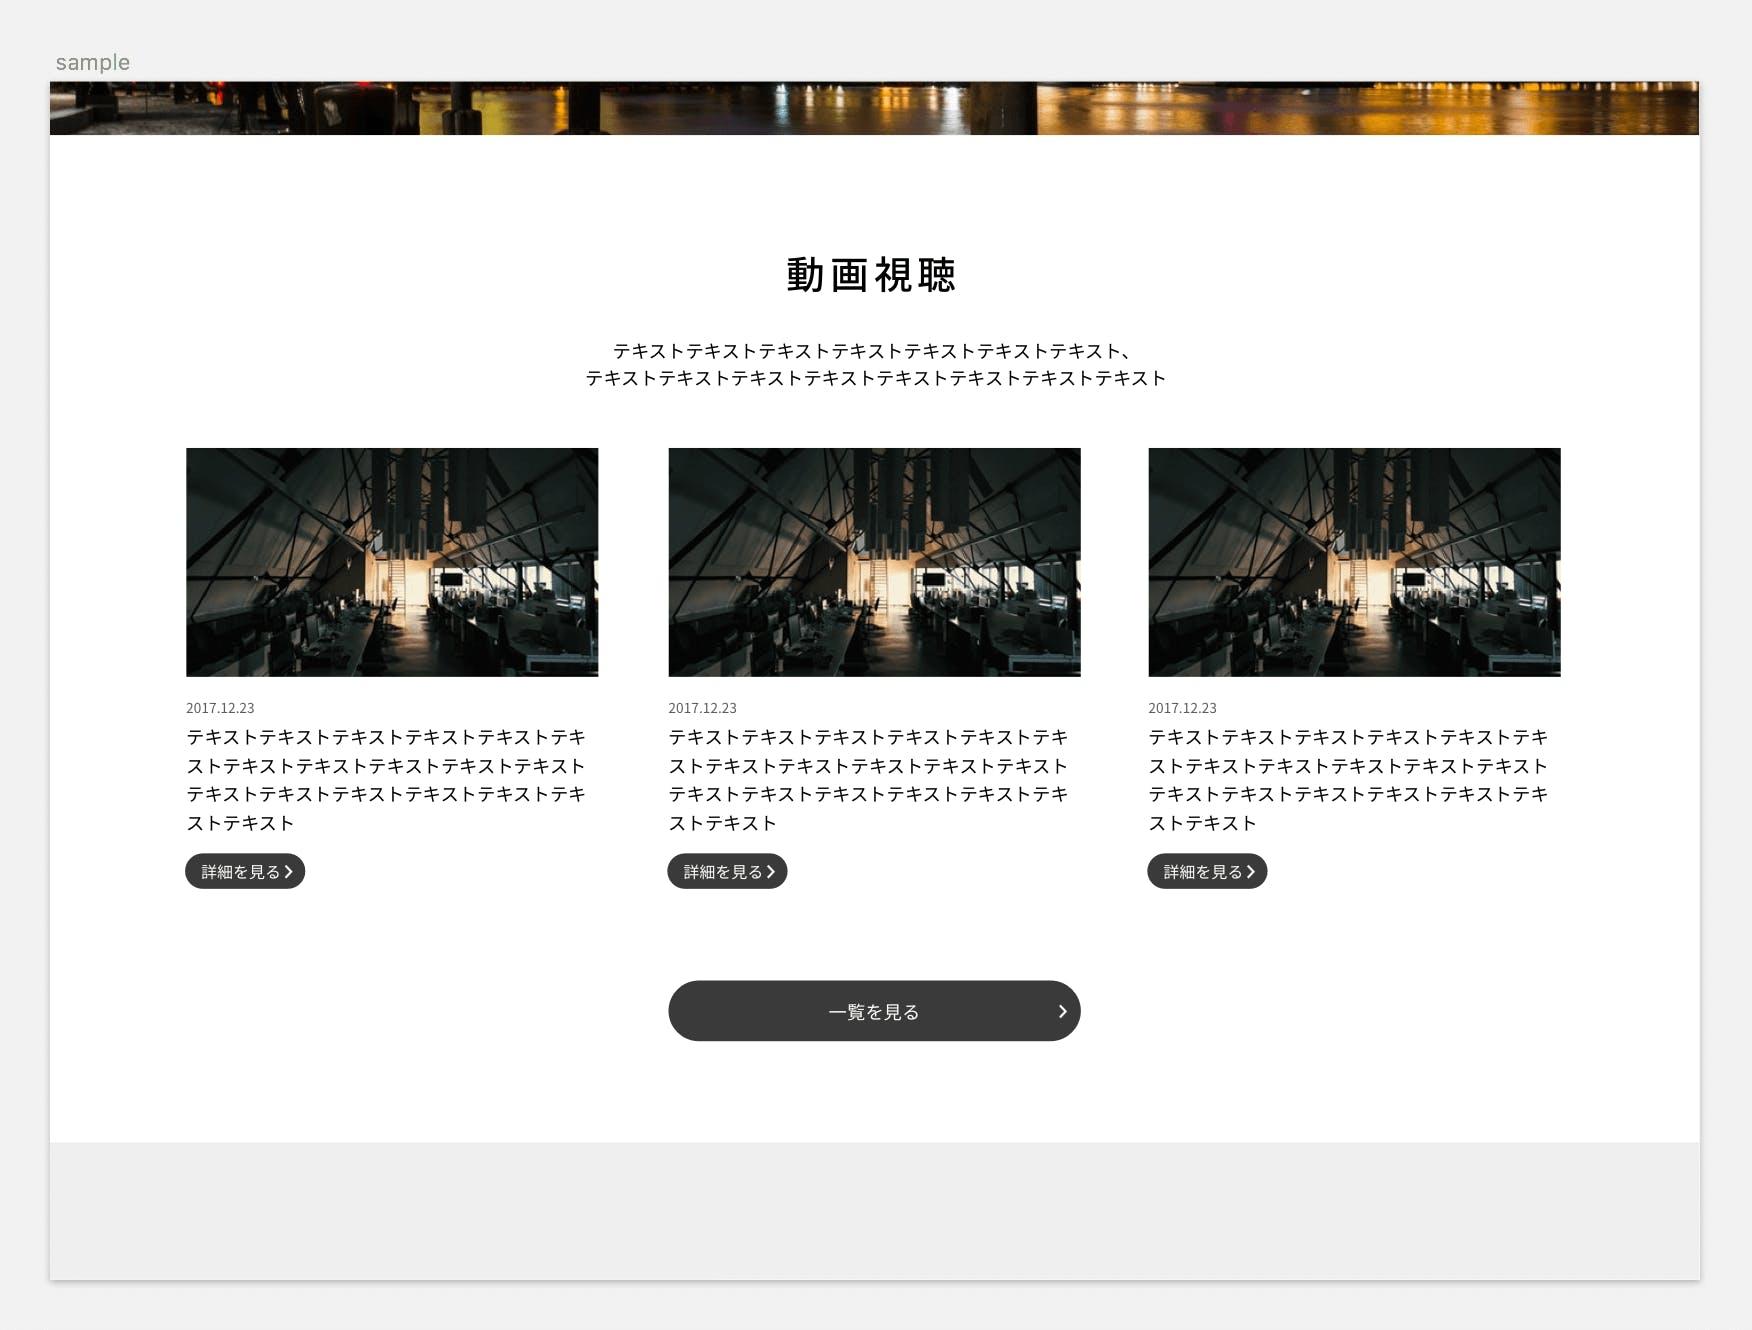 スクリーンショット 2017-12-23 16.42.58.png